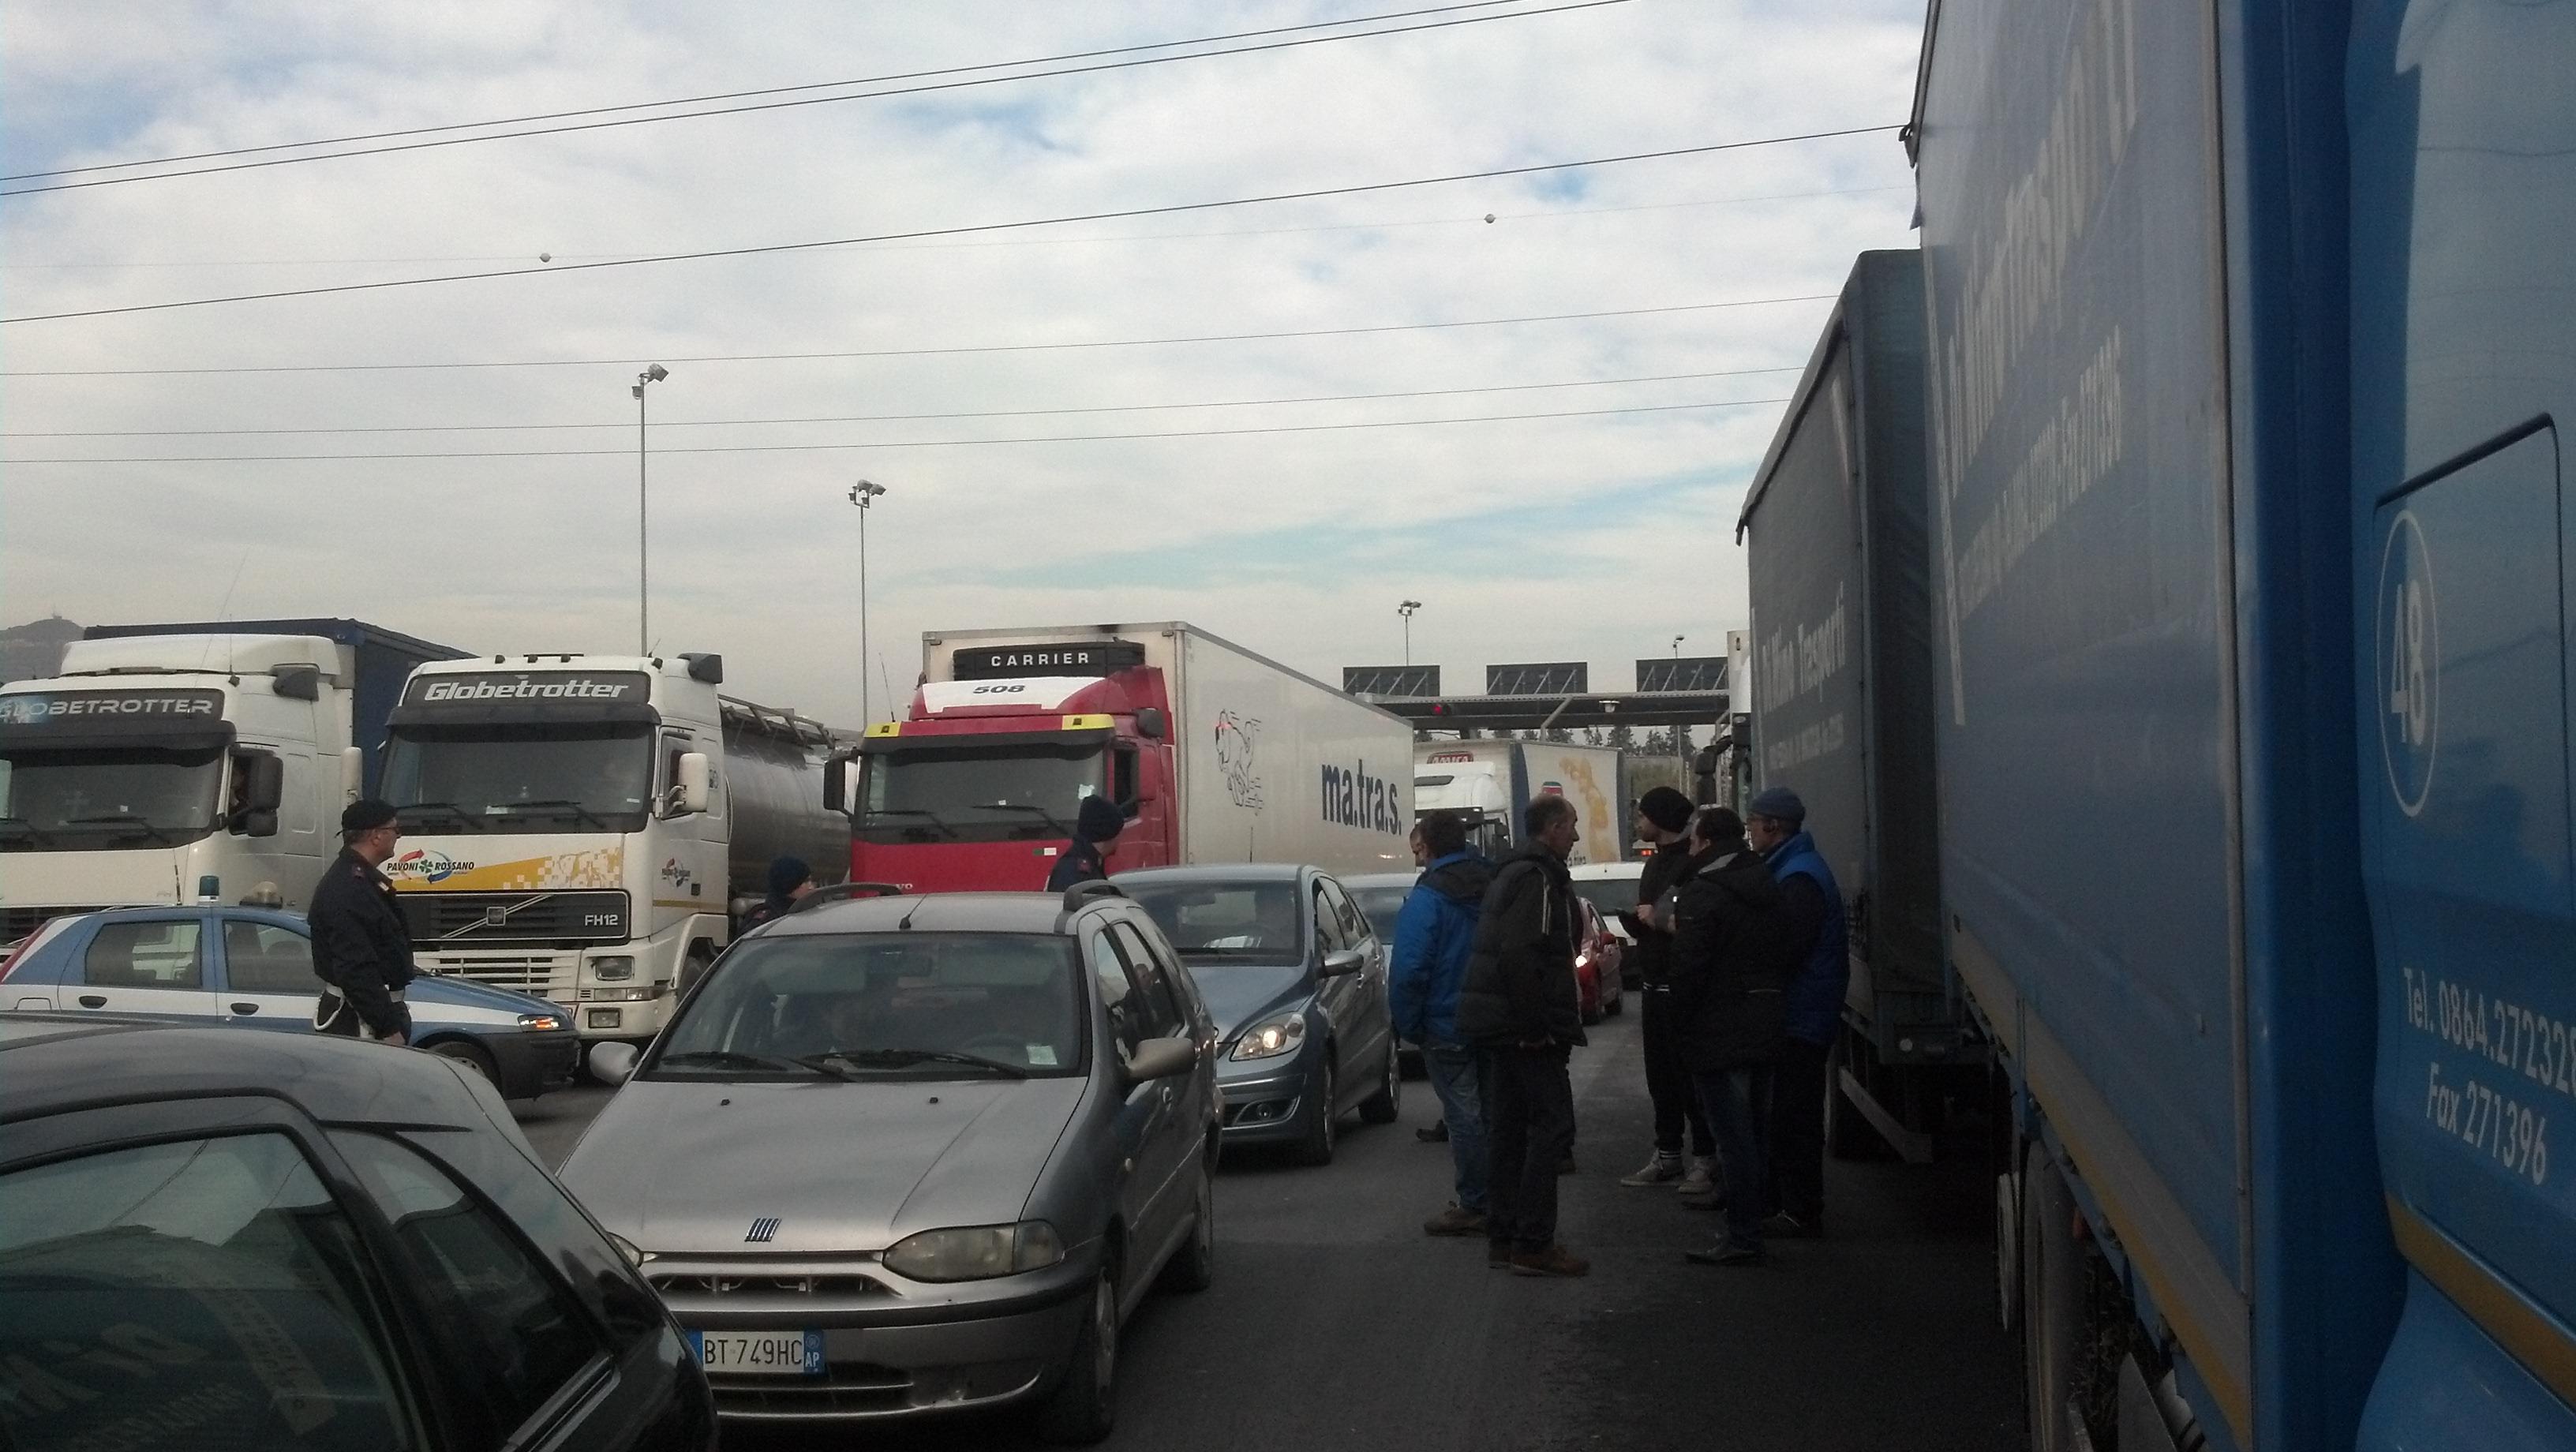 Casello autostradale bloccato dal presidio